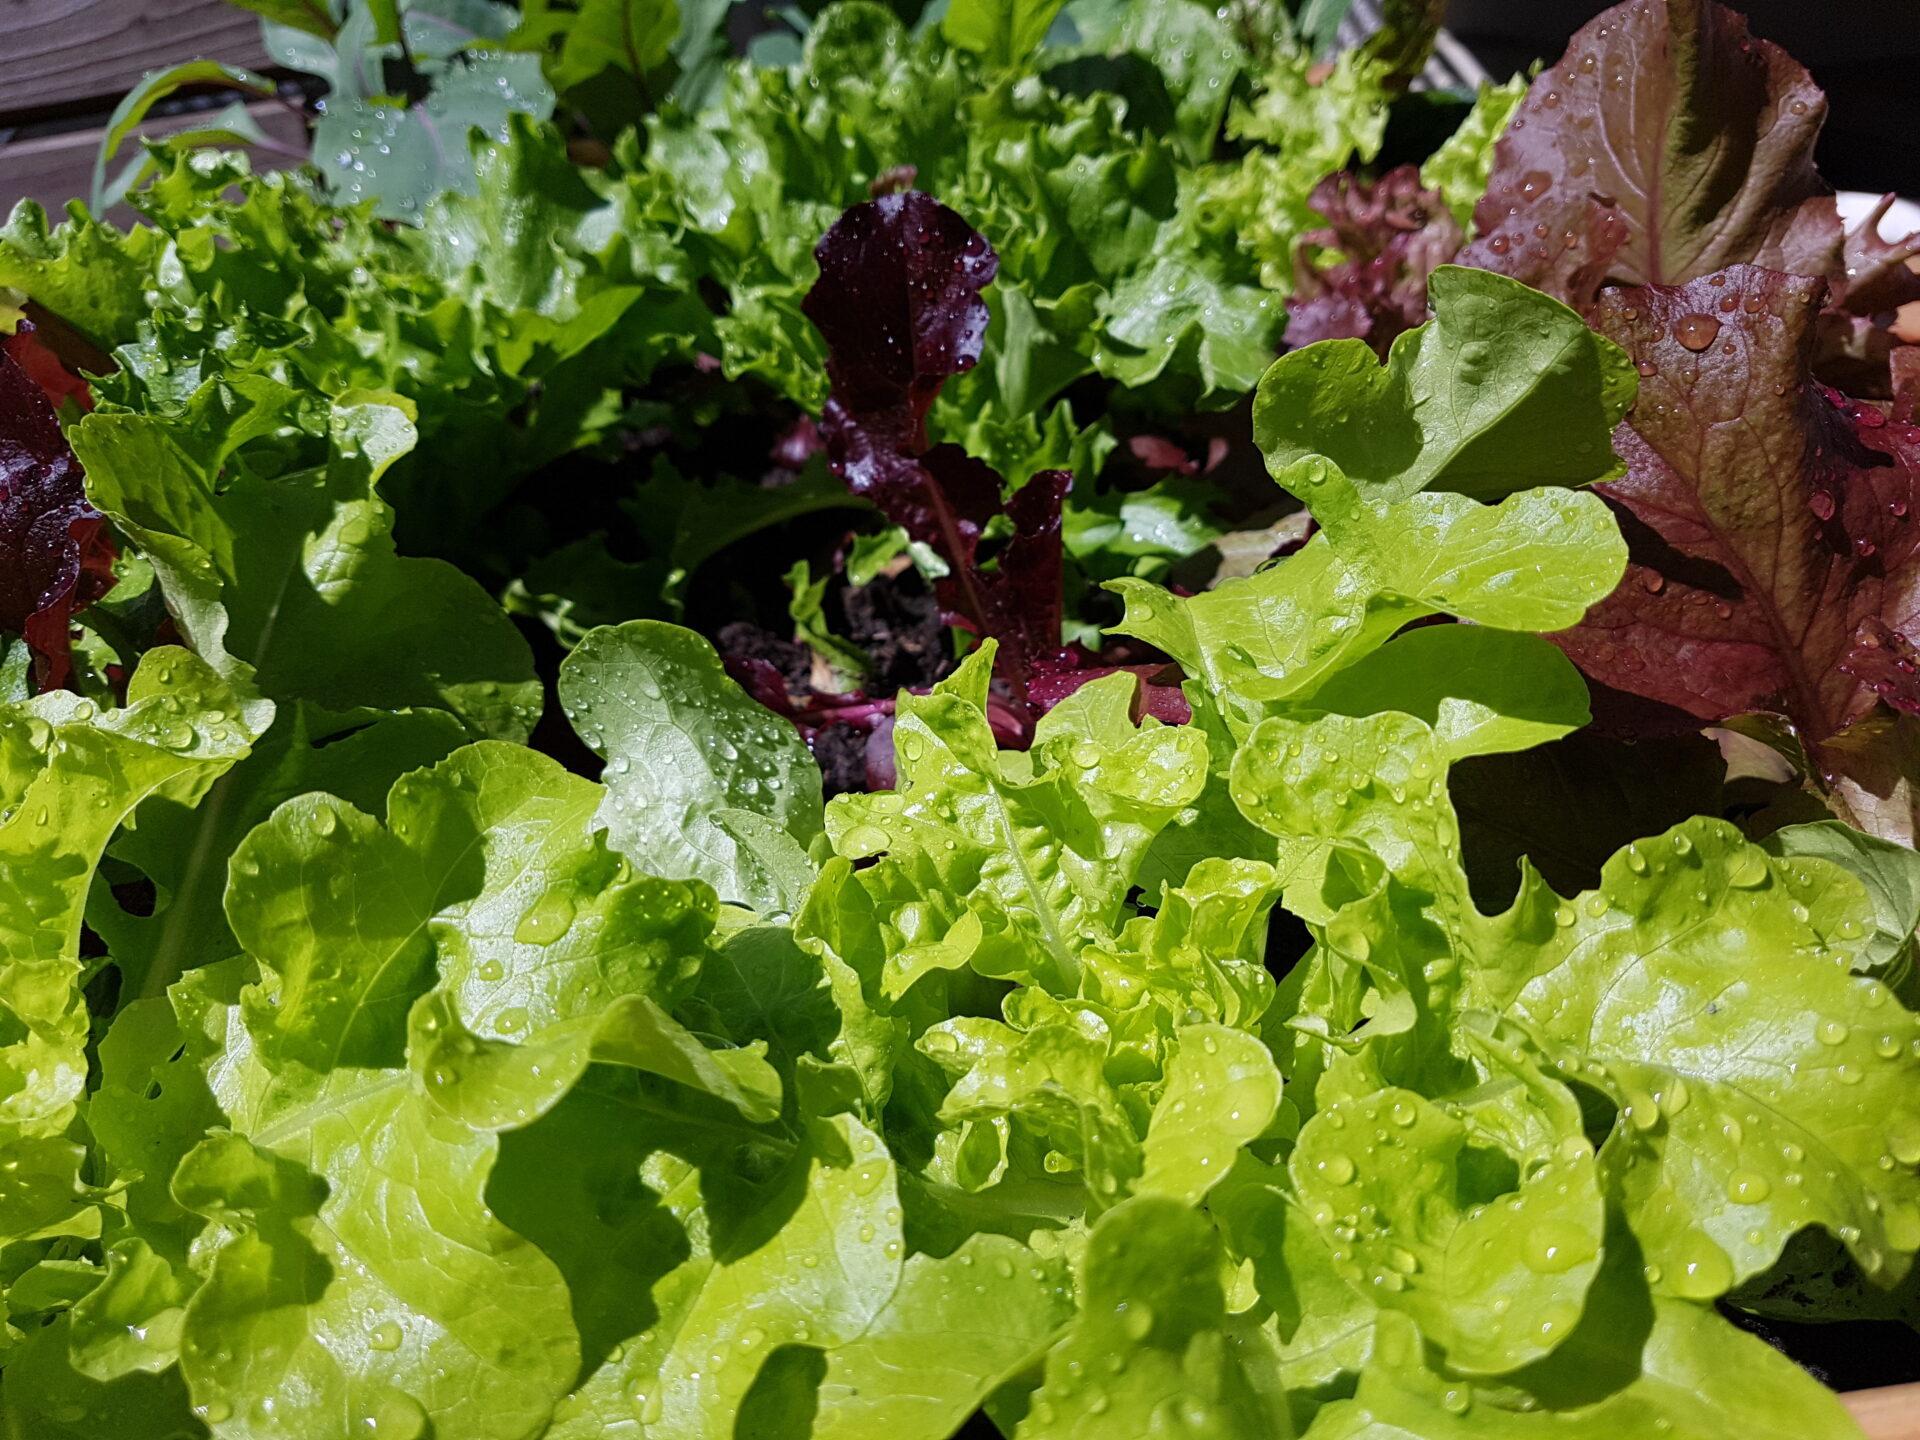 Salat in einem Hochbeet